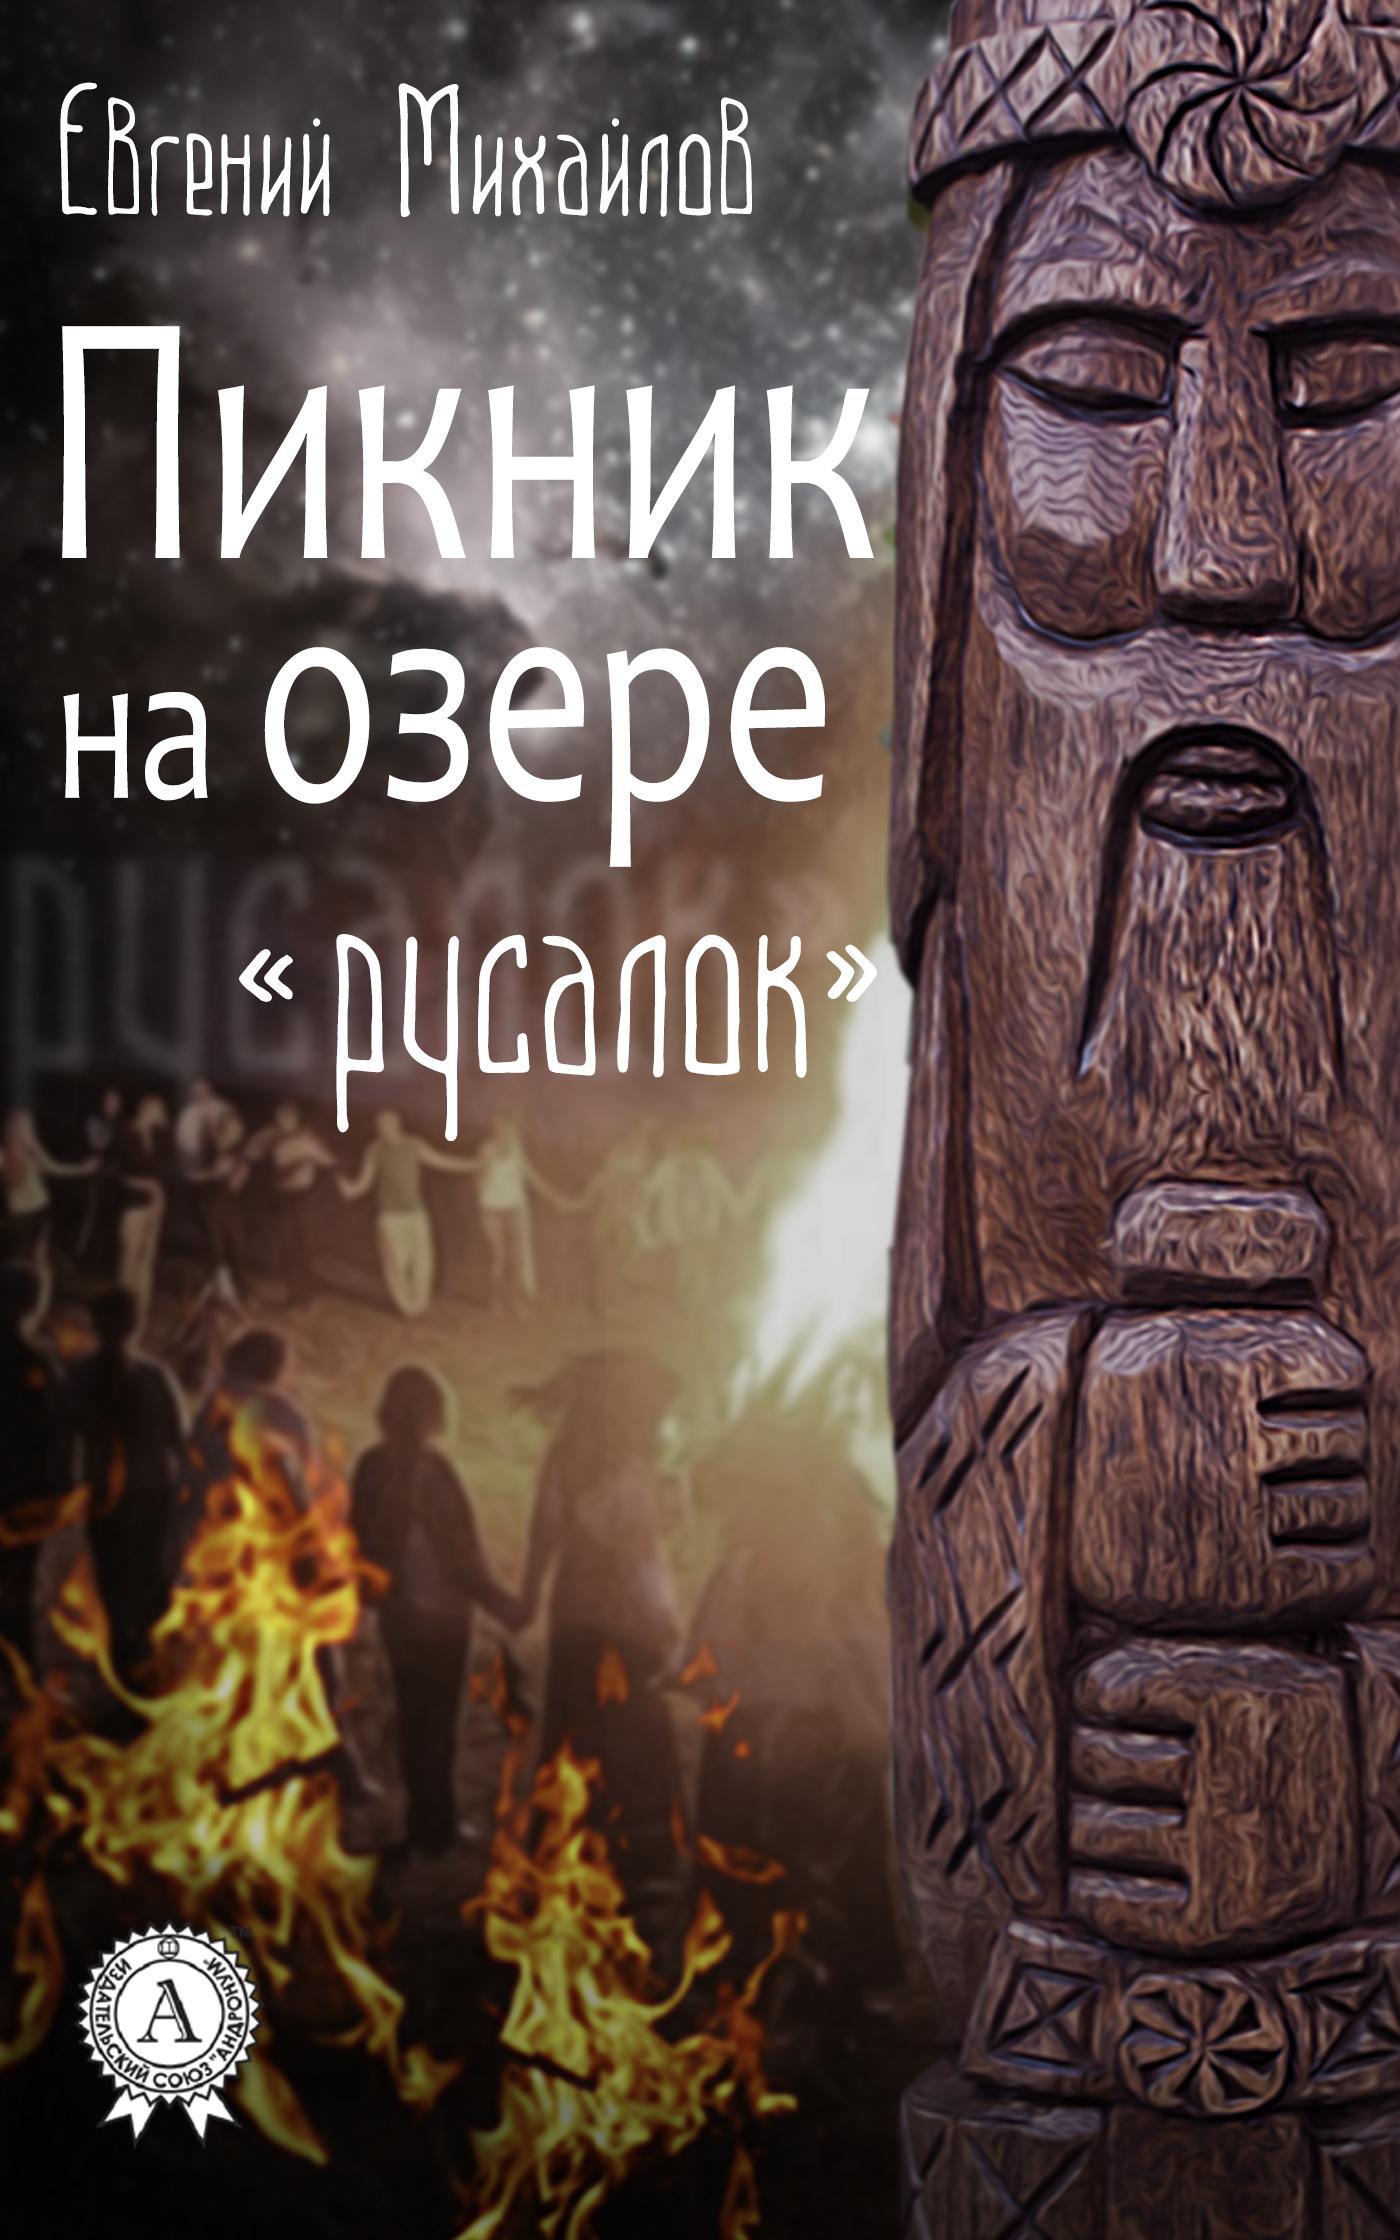 Обложка книги Пикник на озере «Русалок», автор Михайлов, Евгений